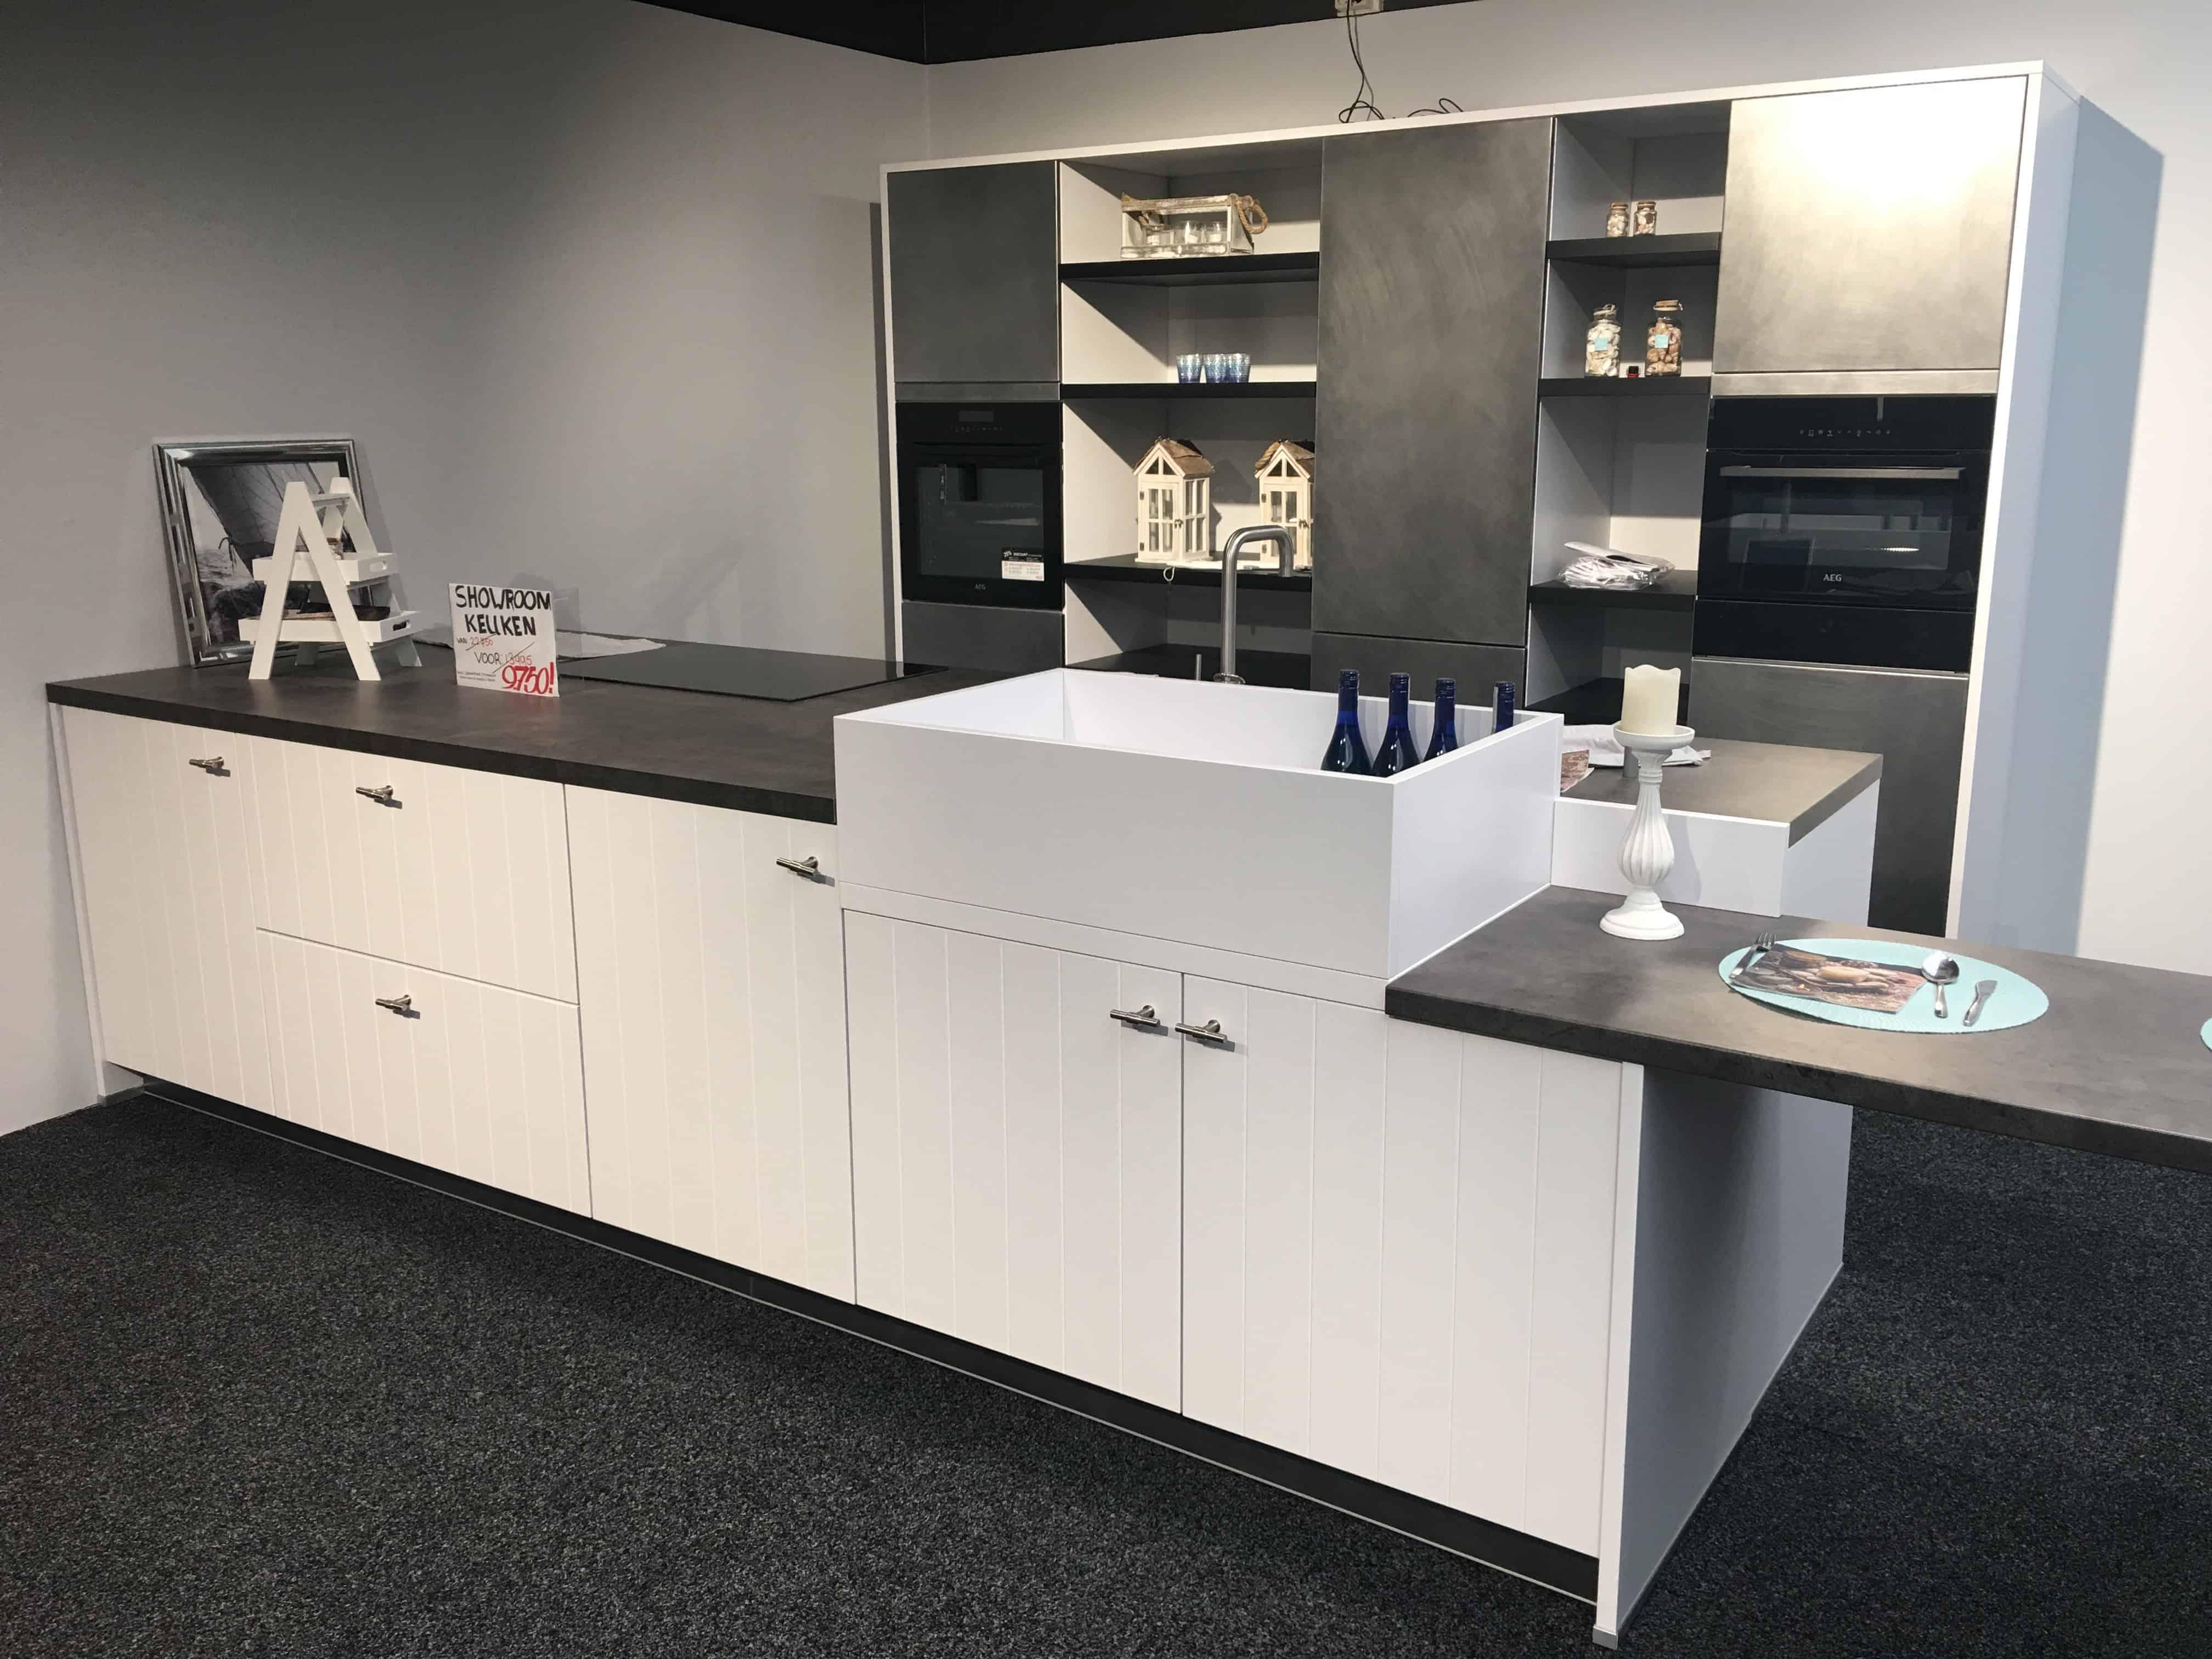 Keukens Ter Aar : Showroomkeukens uitverkoop grijp uw kans! keukenwarenhuis.nl